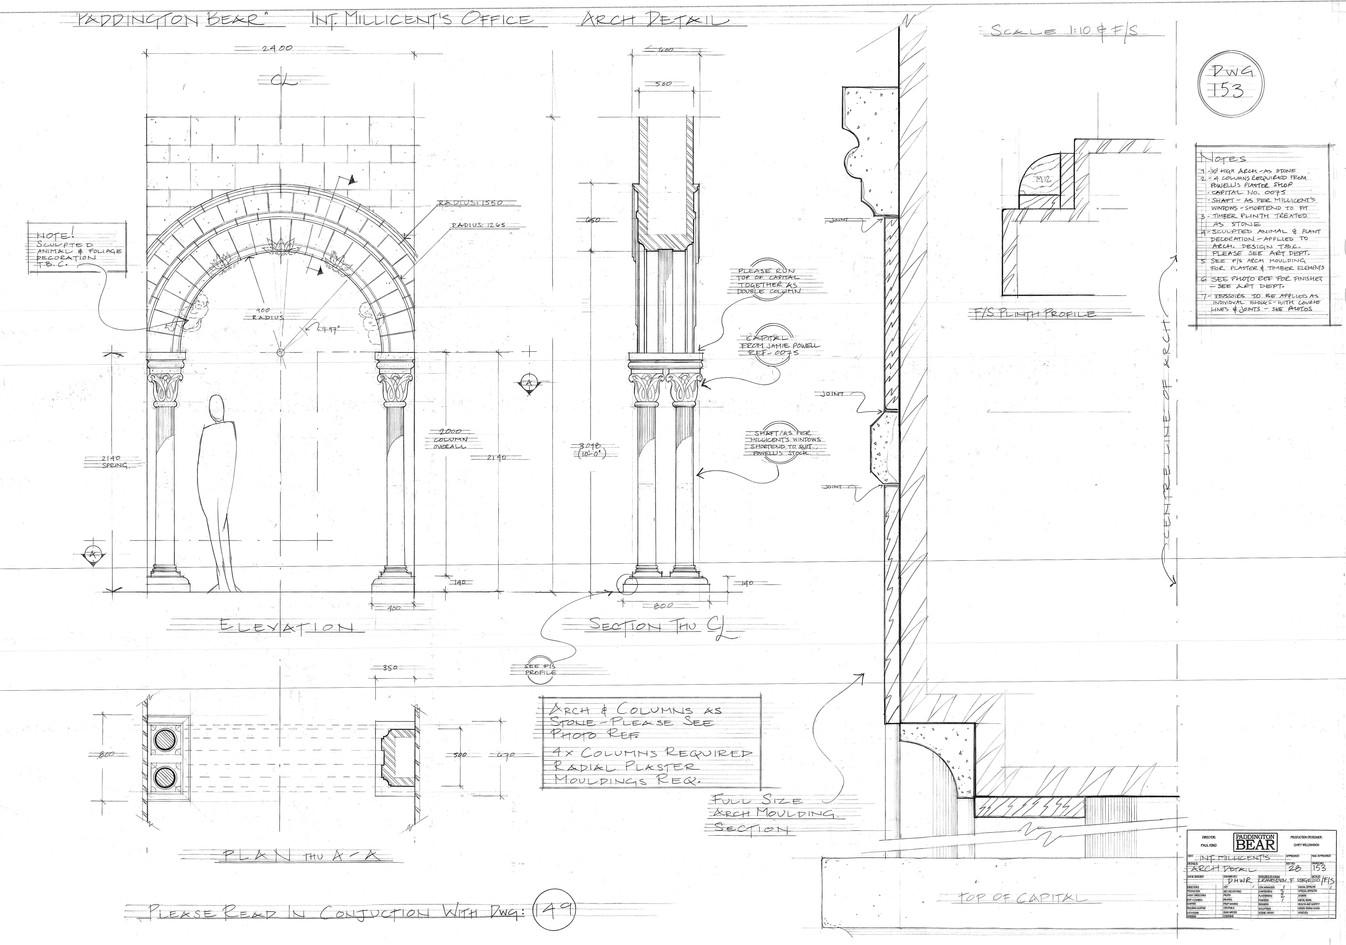 millicent arch detail.jpg